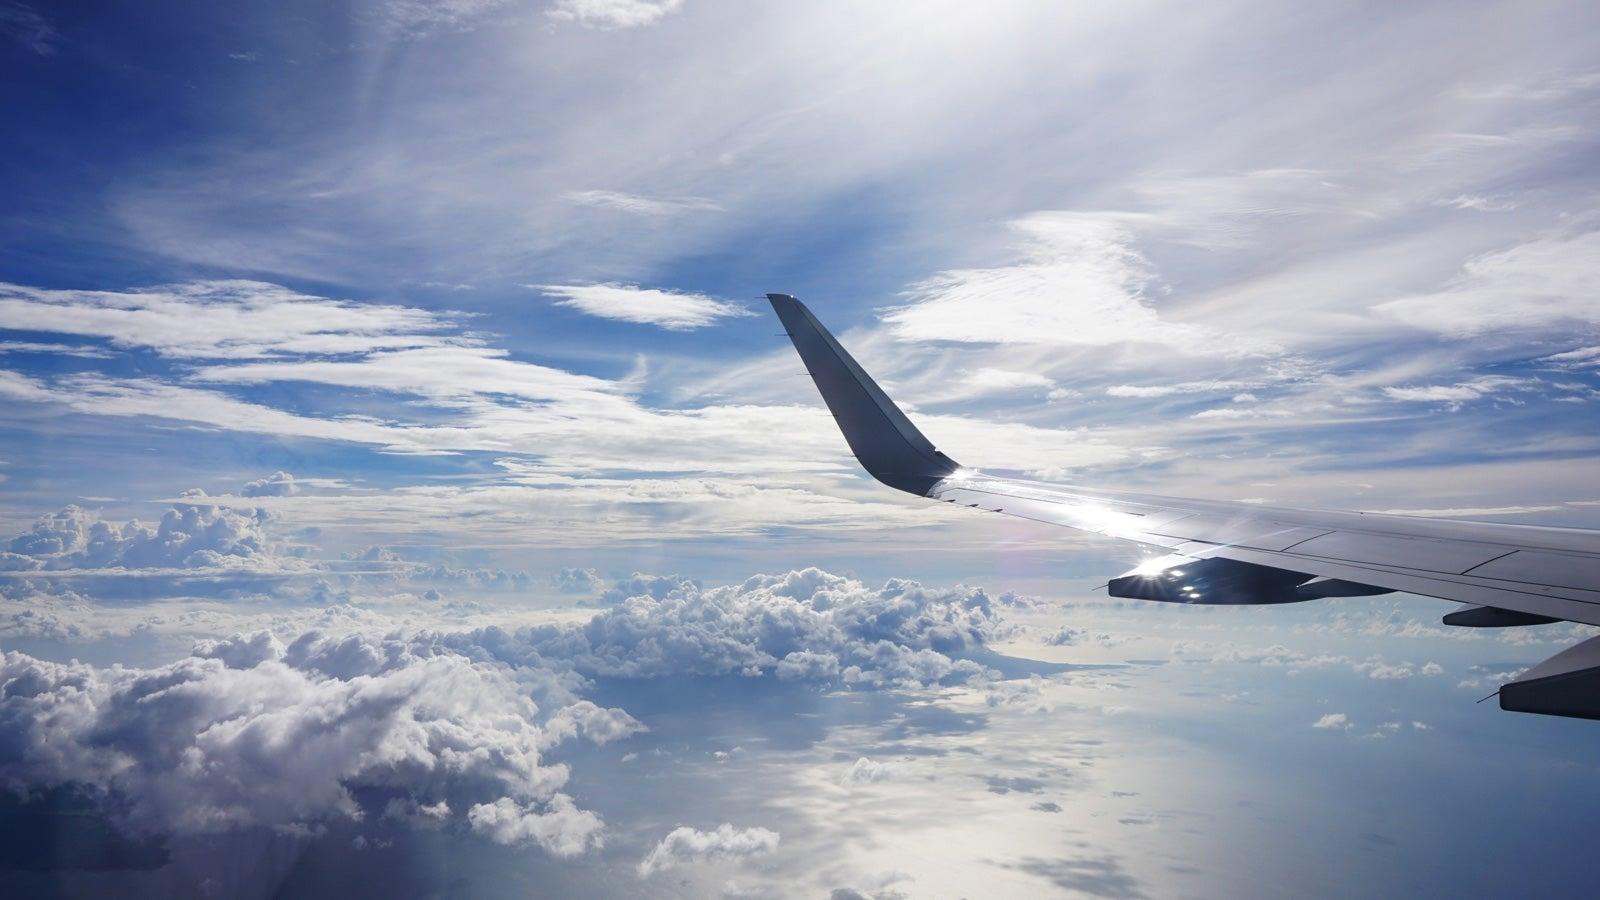 Das sind die fünf besten Reiseziele für November